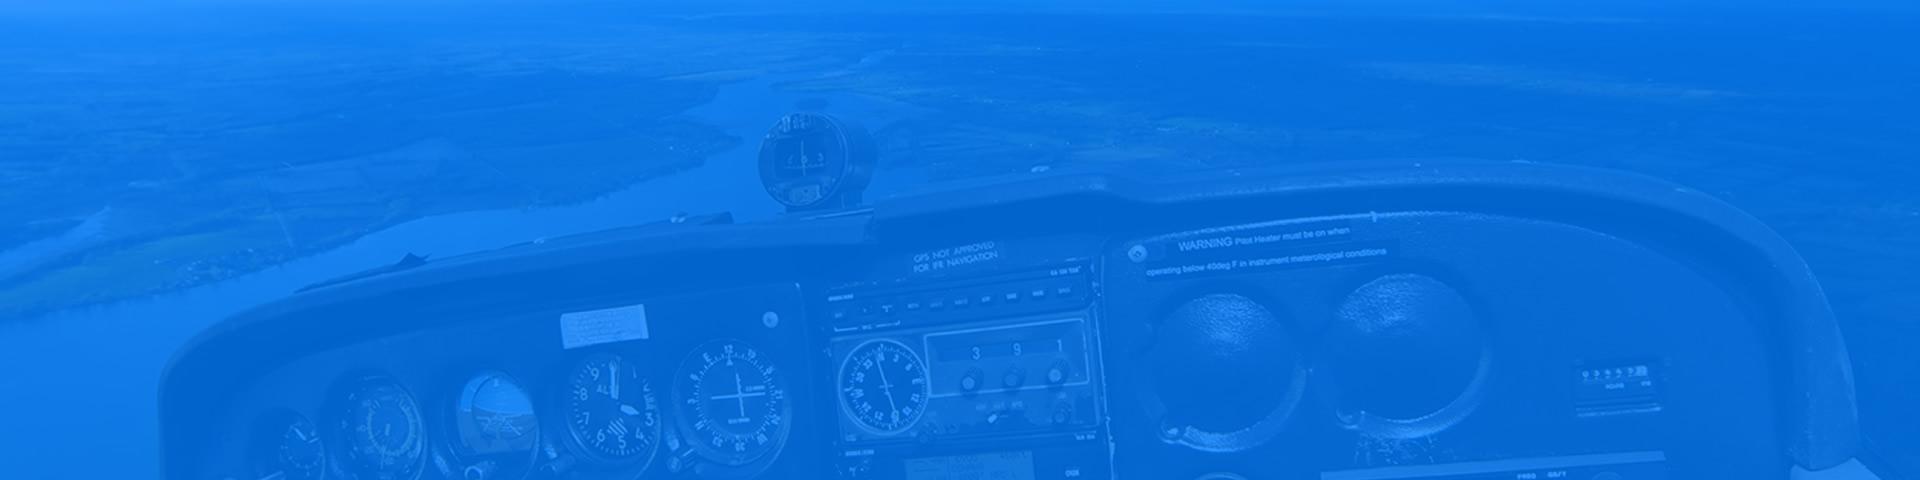 Voando nos Corredores Visuais de SP